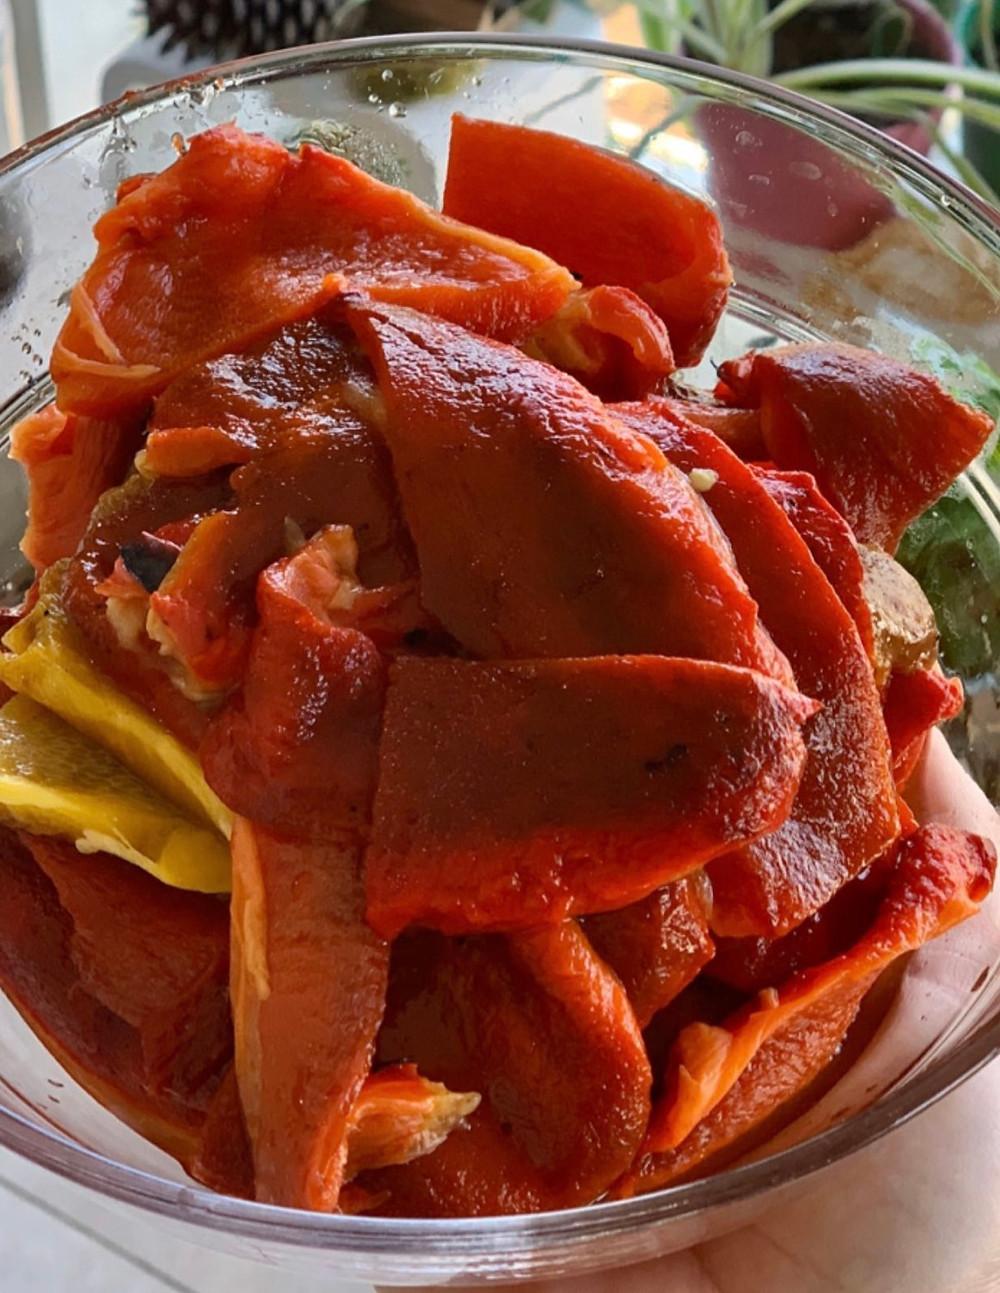 המדריך והמתכון המלא של פלפל קלוי בבית בתחמיץ של בלסמי ושמן זית ושום